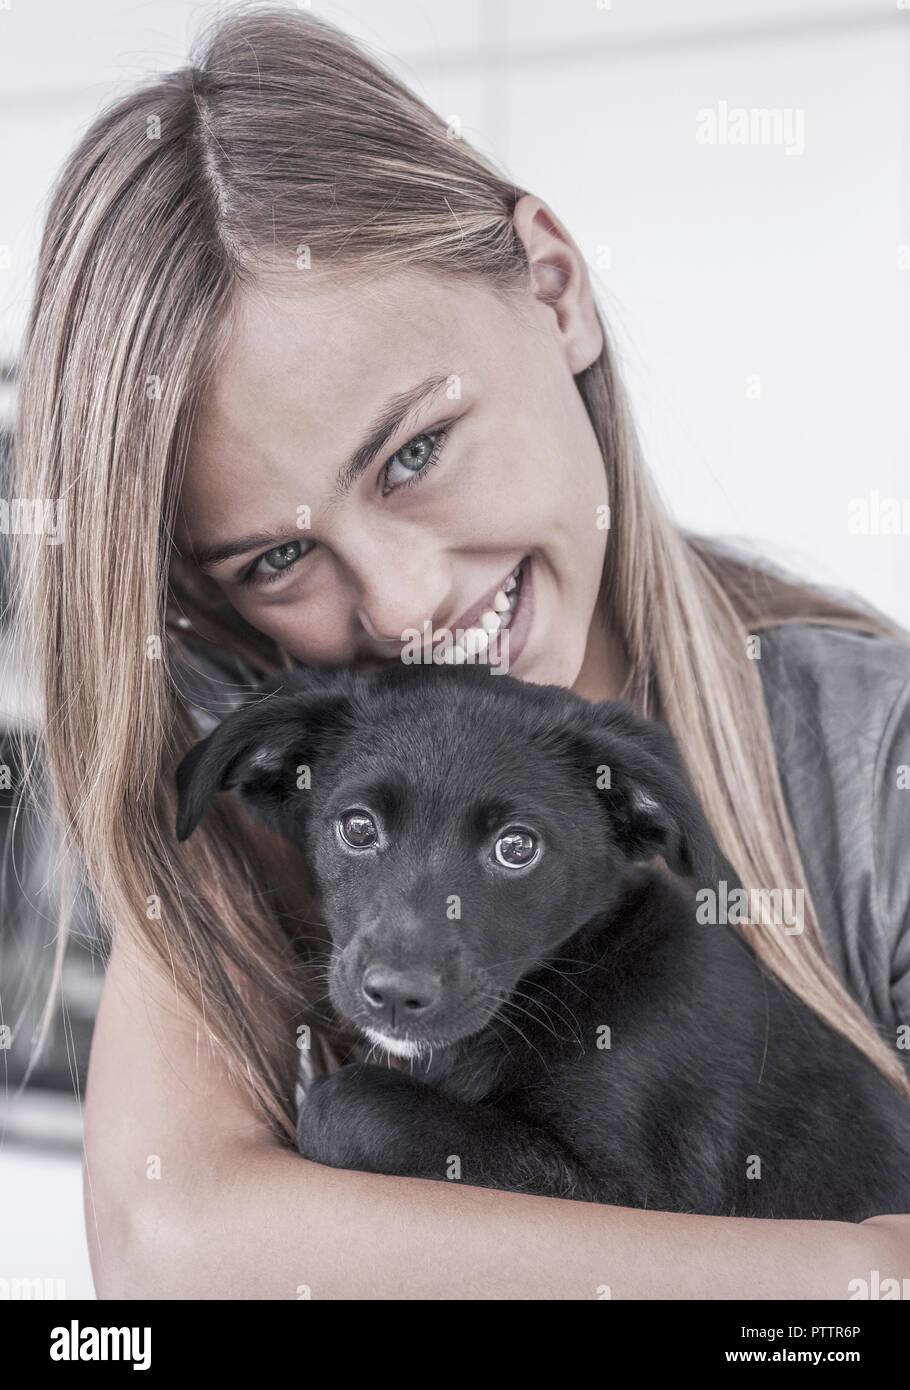 Maedchen mit kleinem Hund (model-released) - Stock Image